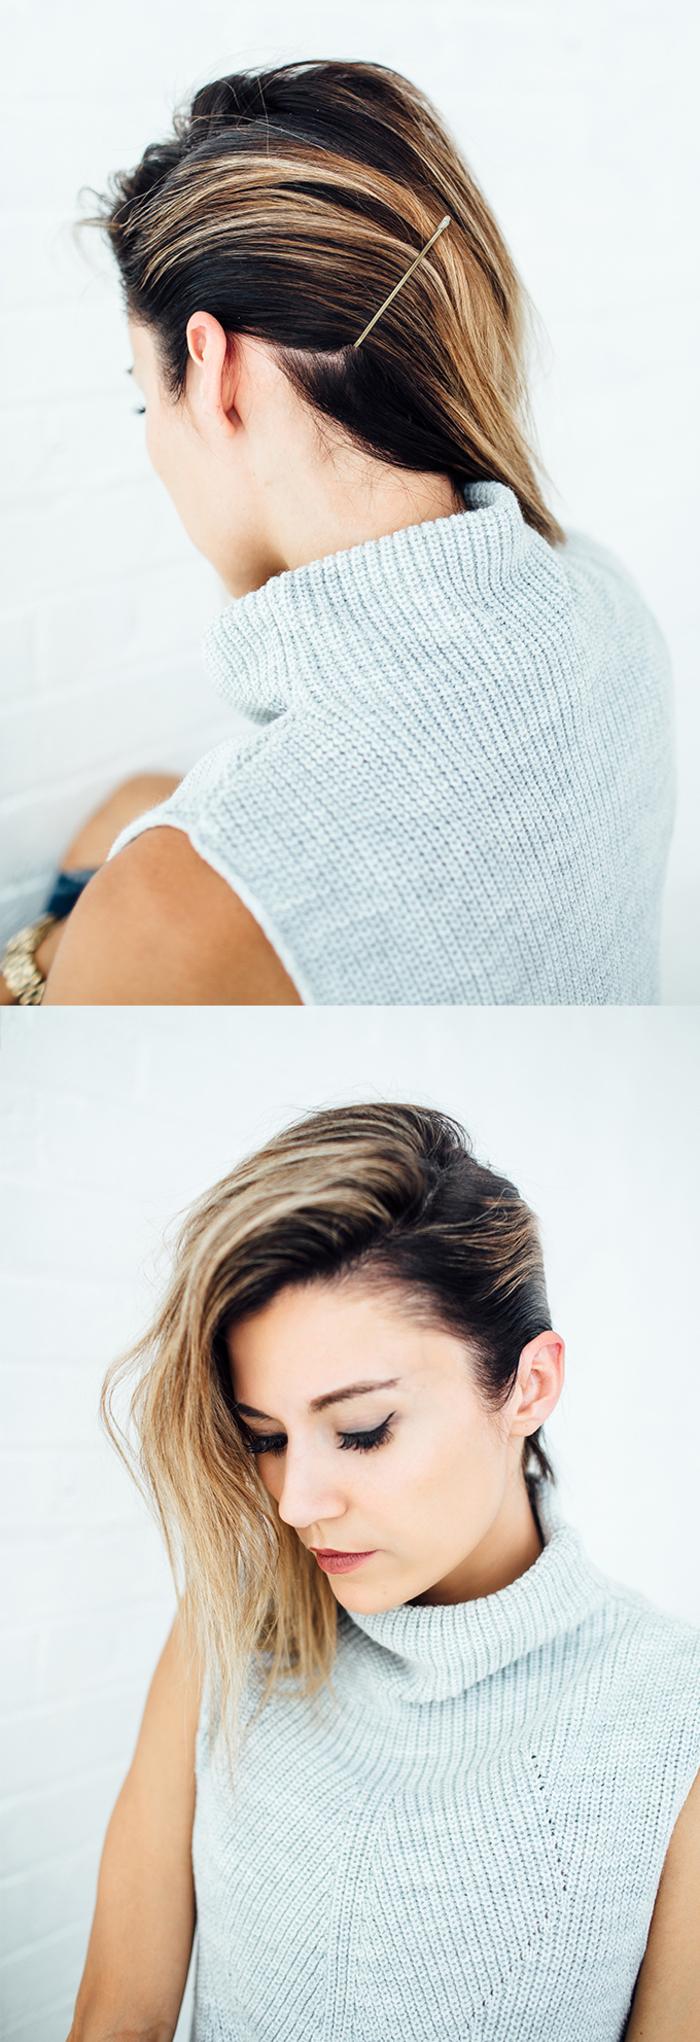 tuto coiffure cheveux courts aux légères ondulations et une raie de côté